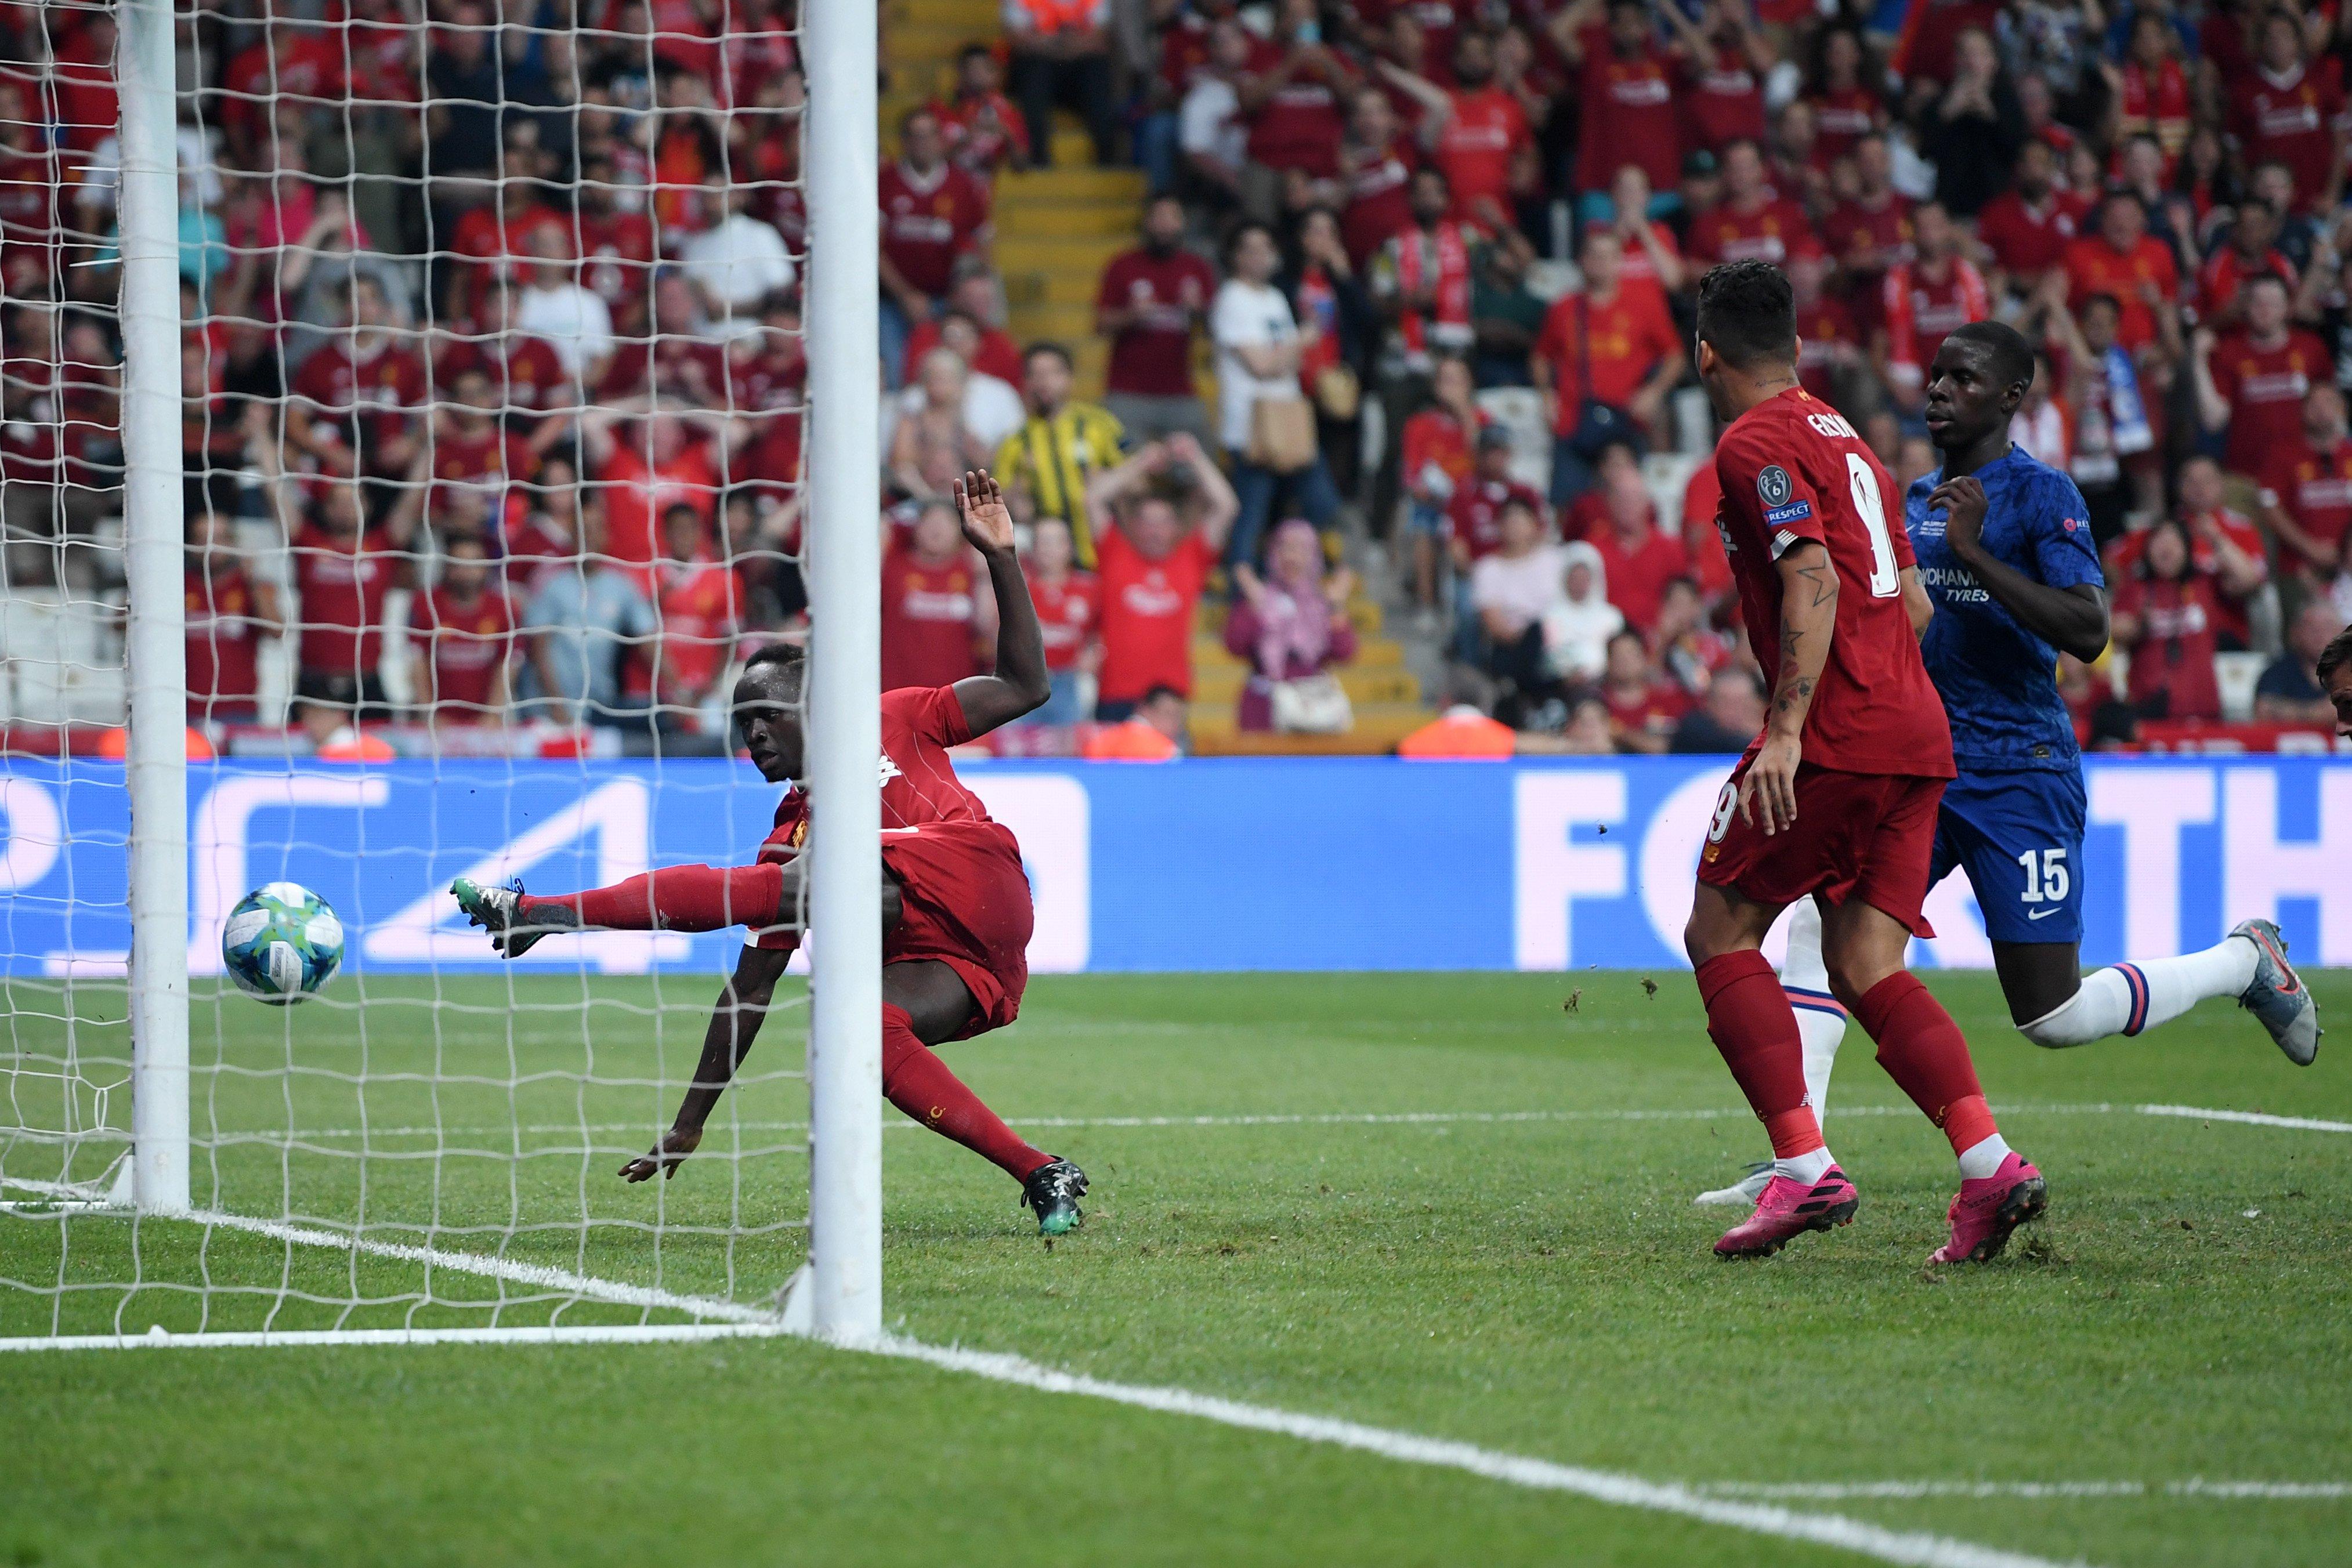 Ливерпуль - Челси 2:2, пен 5:4. Красные выигрывают еще один евротрофей в Стамбуле - изображение 3